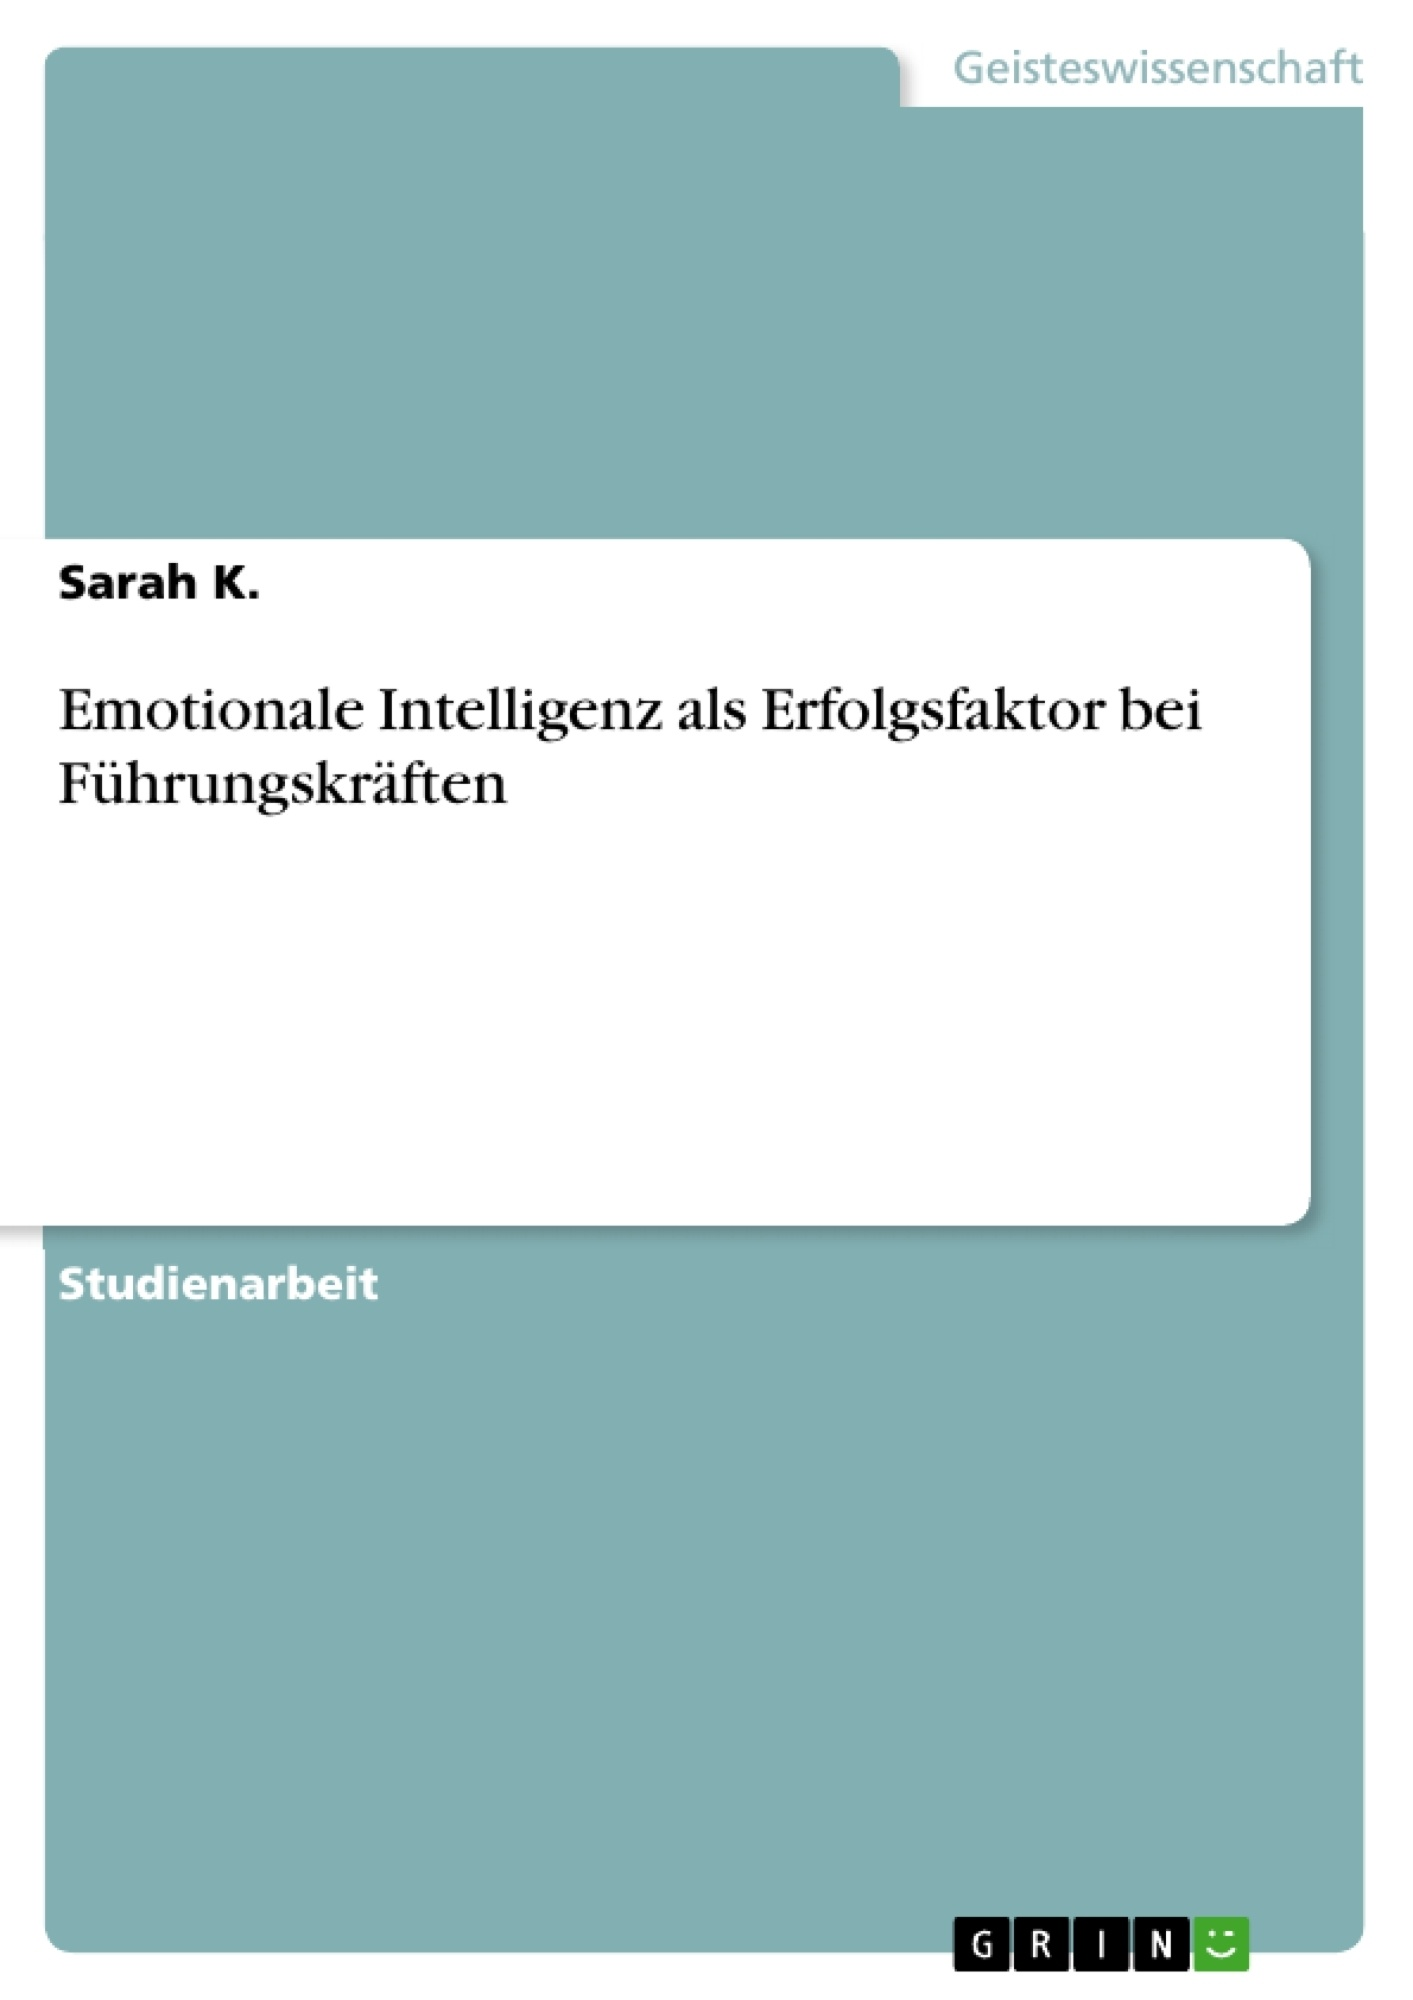 Titel: Emotionale Intelligenz als Erfolgsfaktor bei Führungskräften